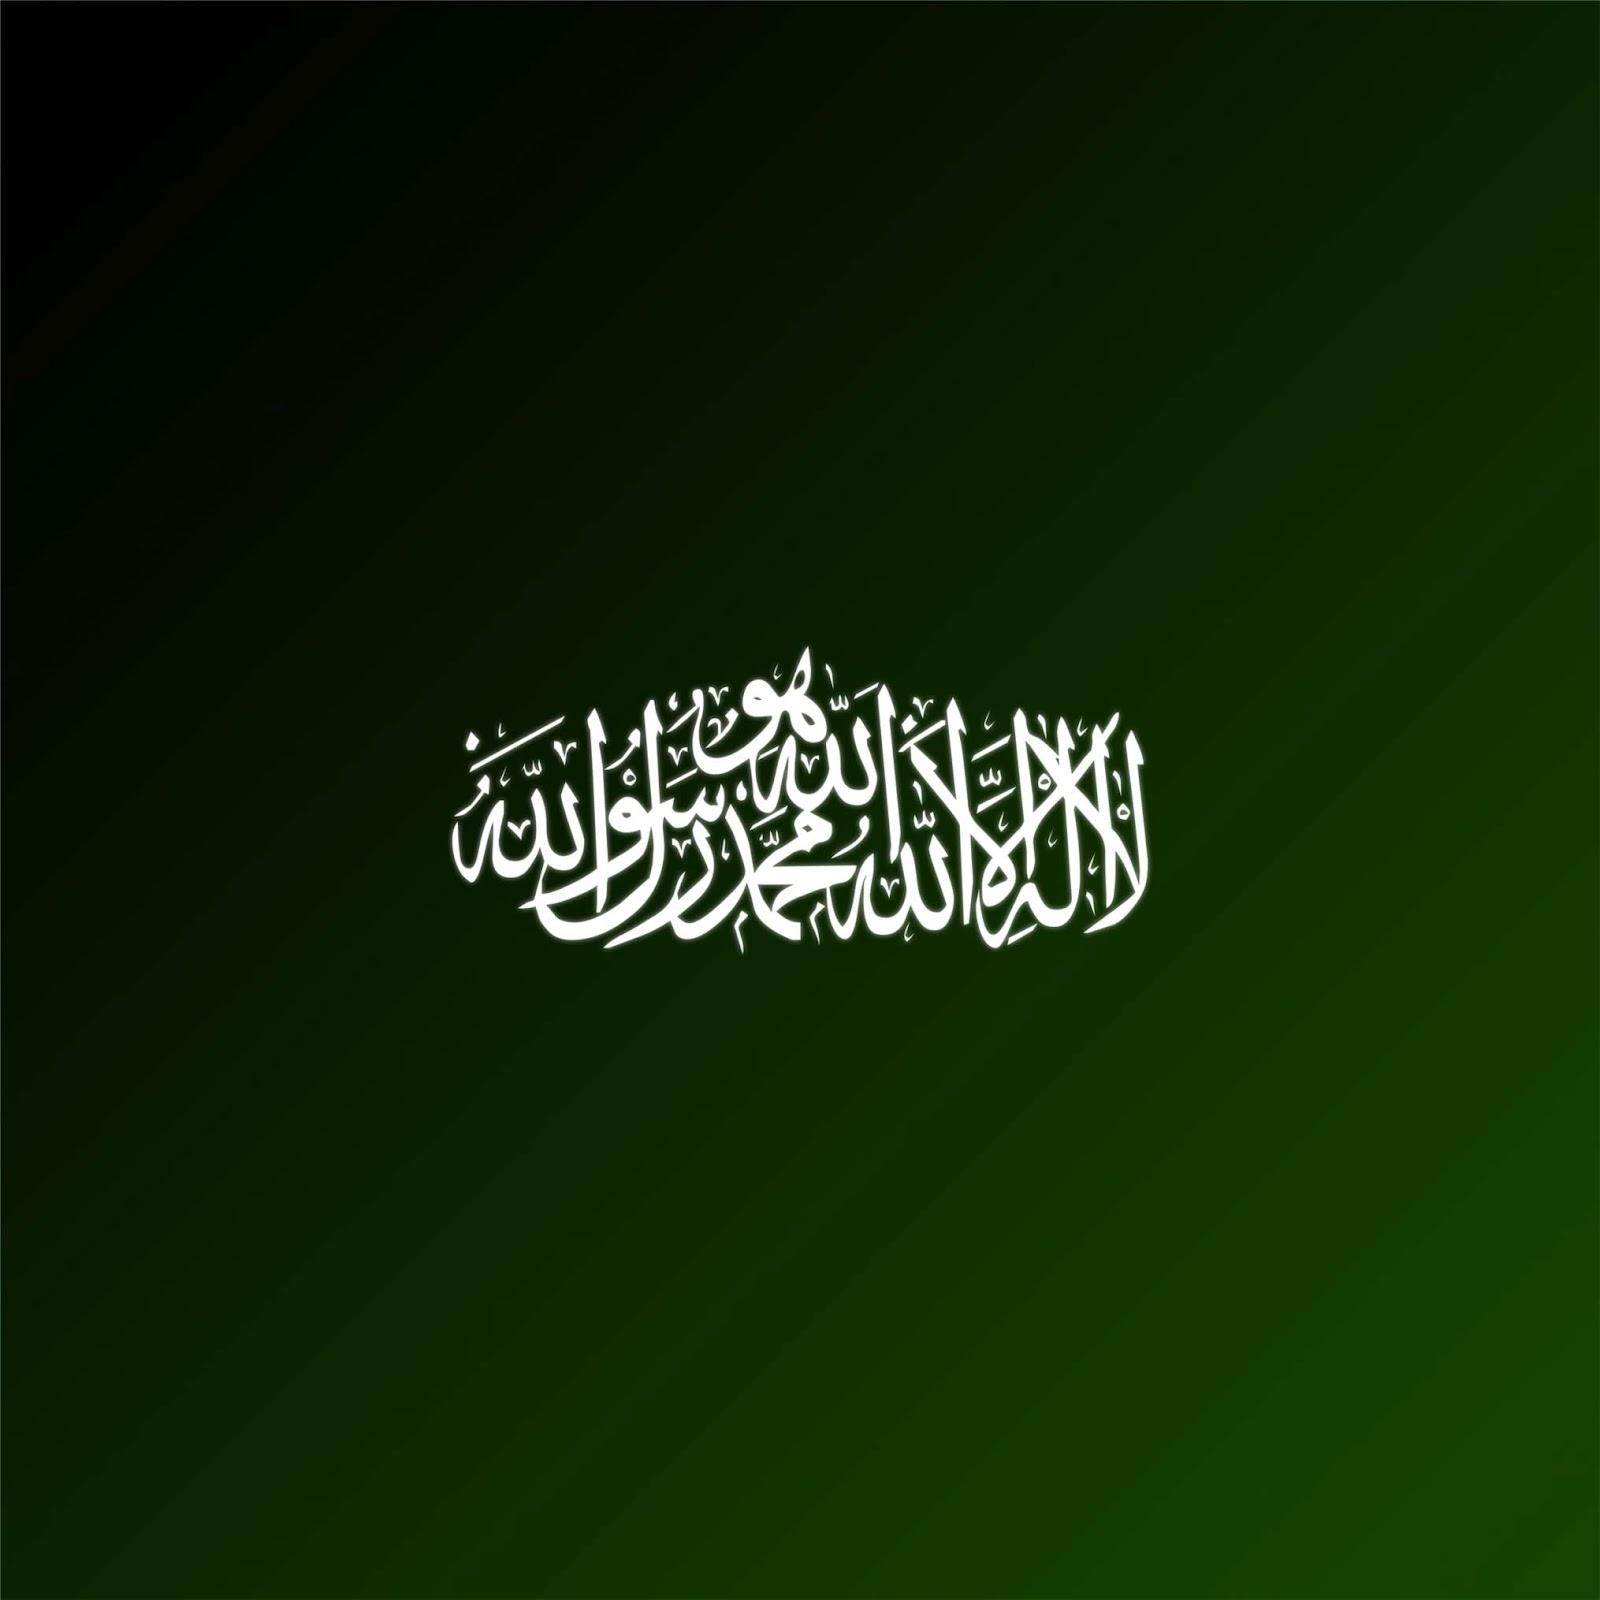 http://3.bp.blogspot.com/-YuwJgVhkmLA/T0m72lE0nKI/AAAAAAAAAJ8/dB0OKdka_s0/s1600/hd-islamic-wallpaper.jpg